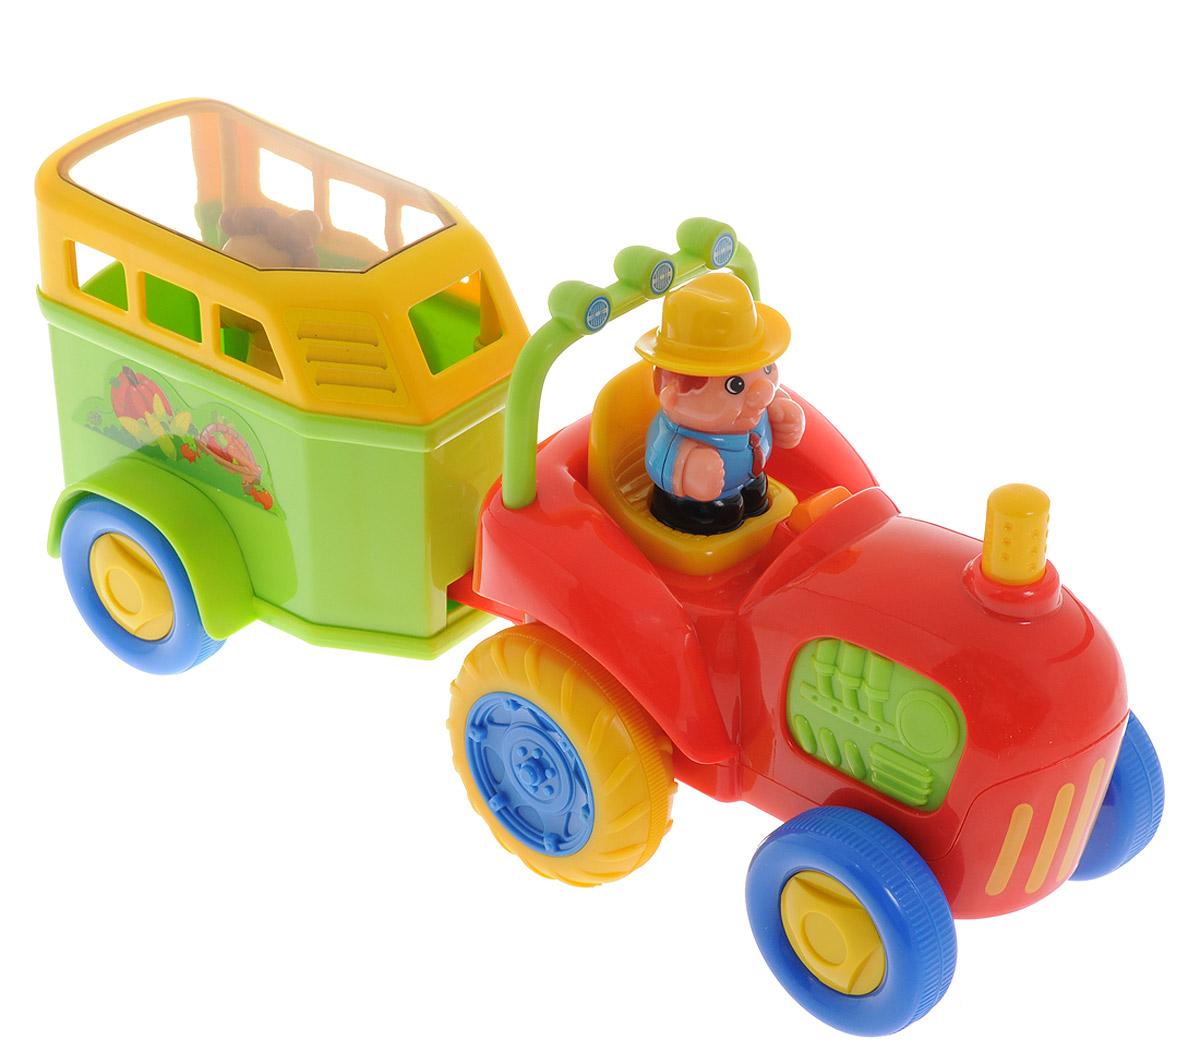 Kiddieland Развивающая игрушка Трактор с лошадкойKID 038224Яркая развивающая игрушка Kiddieland Трактор с лошадкой обязательно порадует малыша приятными мелодиями и забавными звуками. Трактор самостоятельно едет вперед с настоящим звуком двигателя и автоматической остановкой! Нажмите на маленького водителя, чтобы услышать веселую музыку или нажмите на руль для гудка. Нажав на трубу трактора, можно услышать шум мотора. В прицепе детишки найдут лошадку, издающую громкие звуки, когда ее возвращаешь на место. Ноги у лошадки подвижные. Игрушка способствует развитию мелкой моторики, слухового и зрительного восприятия. Рекомендуемый возраст: от 18 месяцев. Питание: 3 батарейки типа AА (комплектуется демонстрационными).